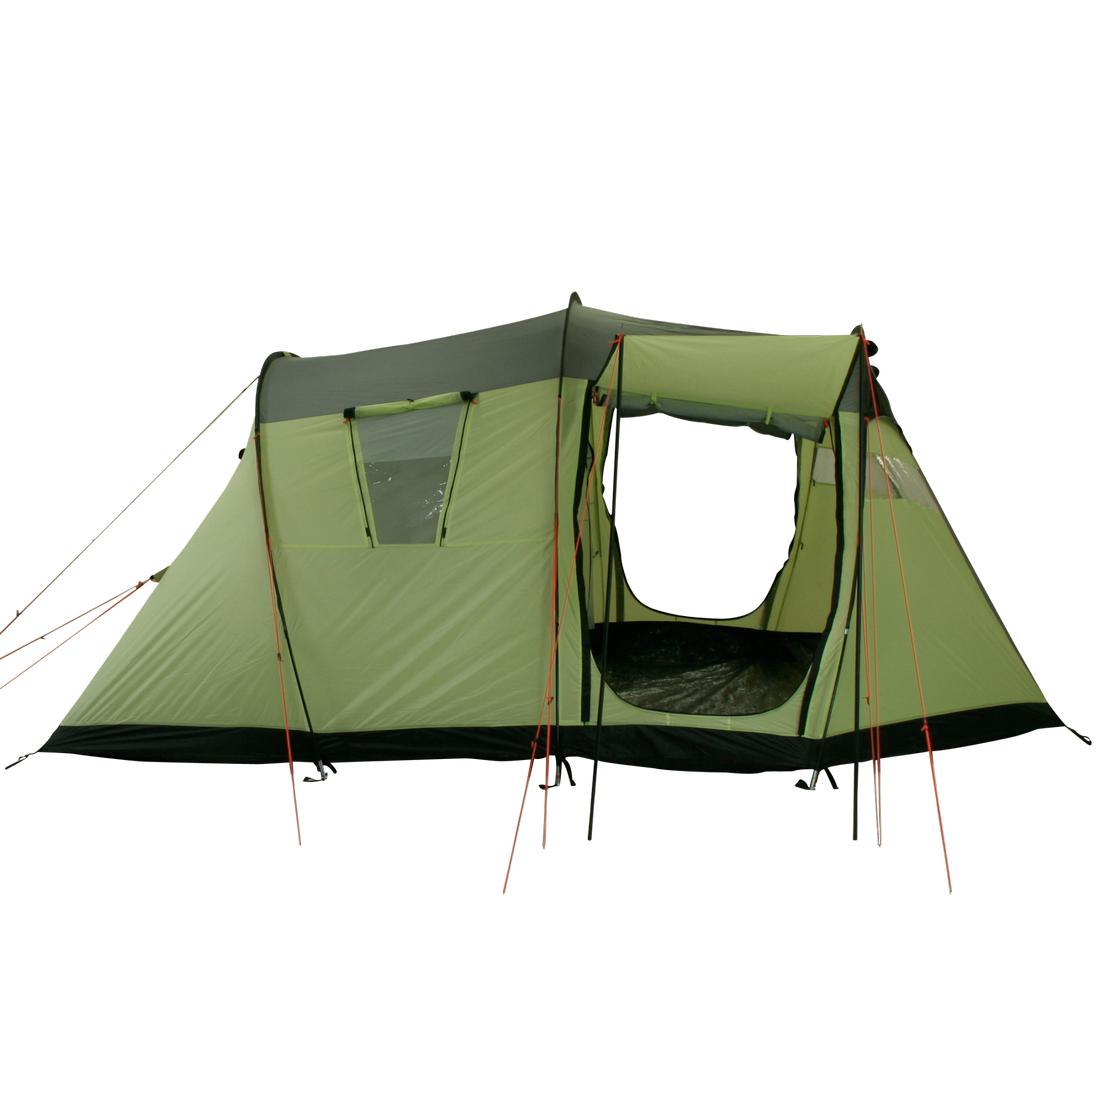 Zelt Wilton 4 : T camping zelt wilton tunnelzelt mit schlafkabine für